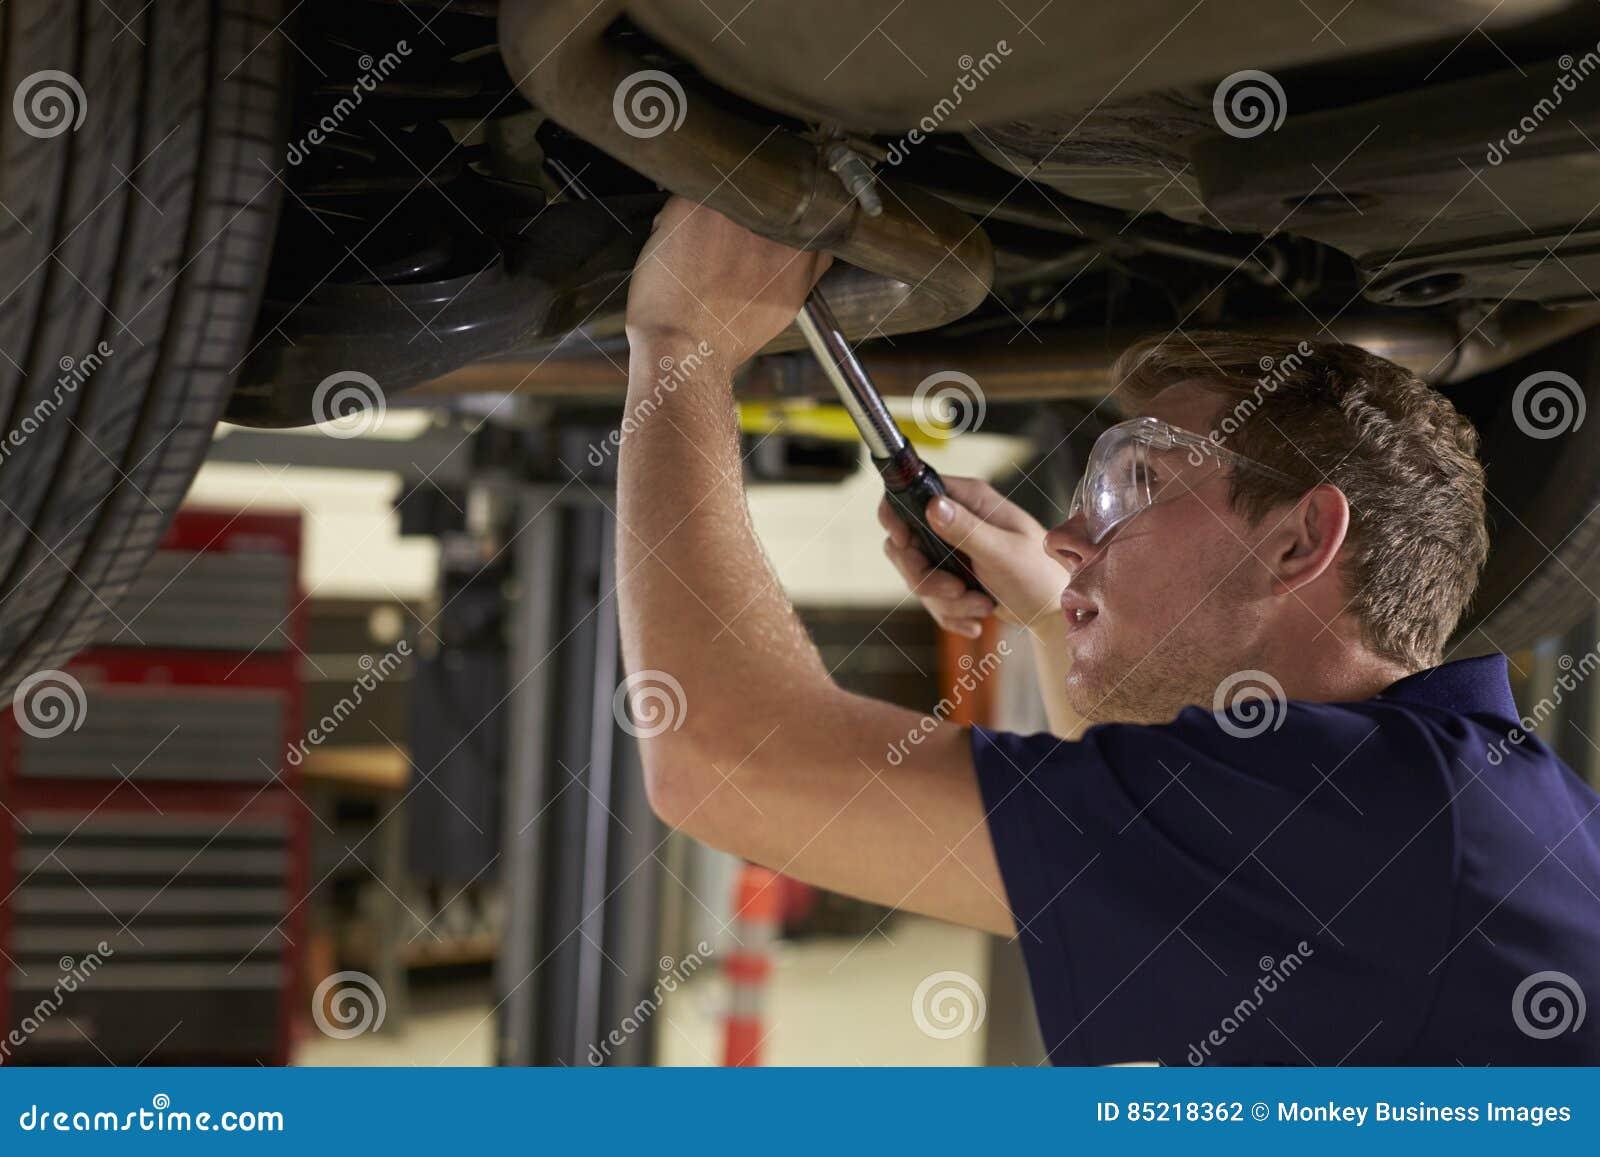 Mecánico de automóviles Working Underneath Car en garaje